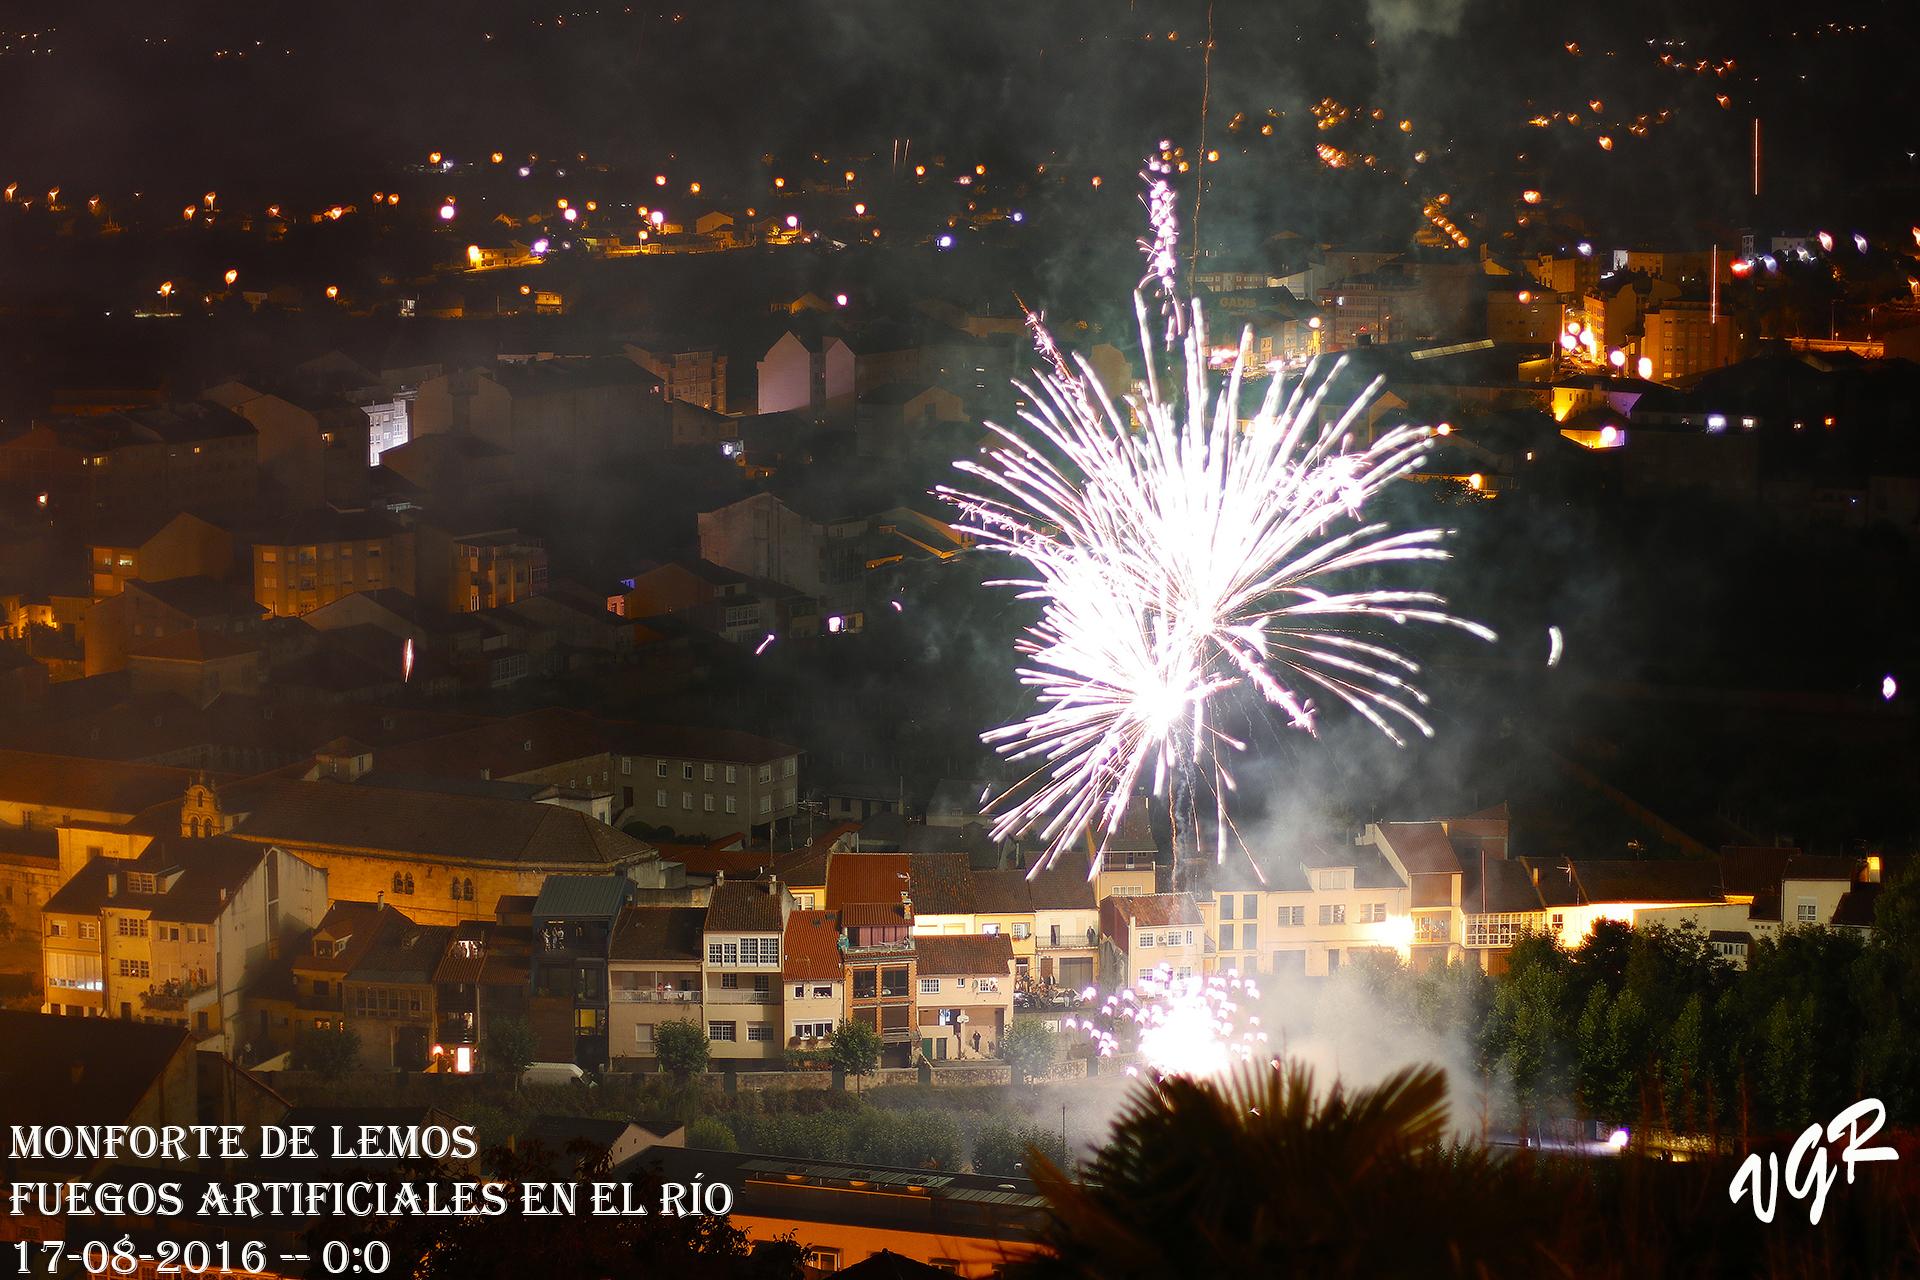 Fuegos-rio-13d